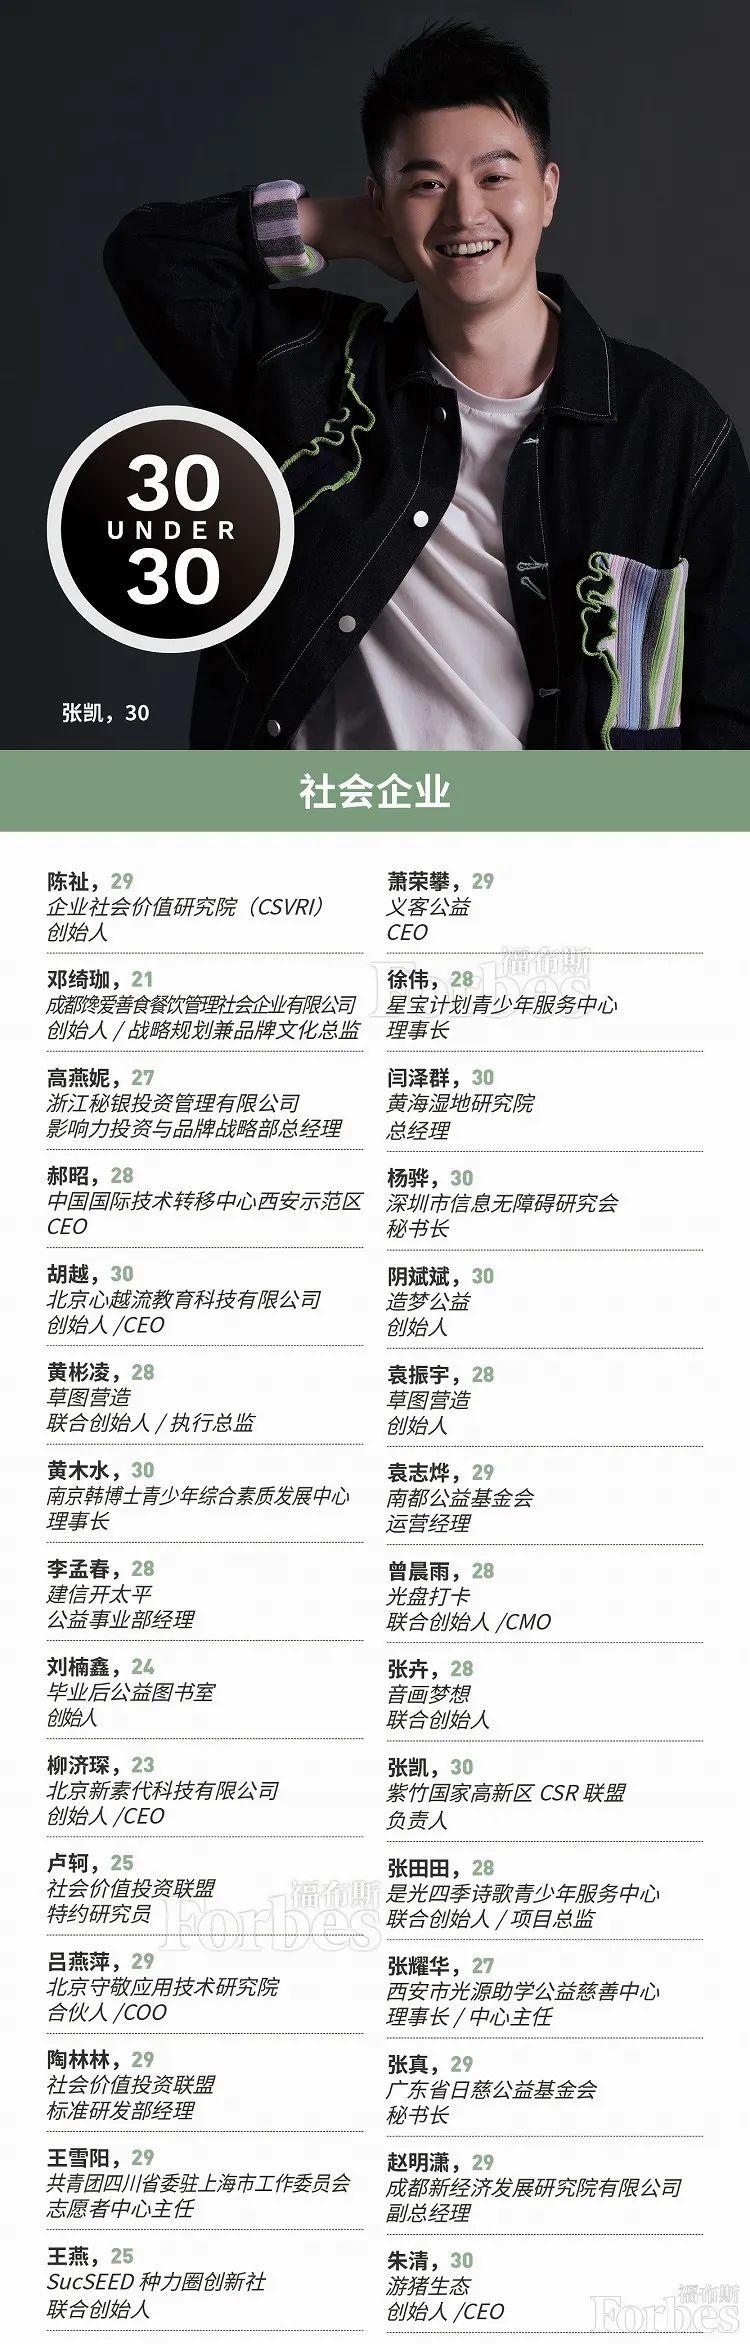 30岁以下精英榜 深国交2011届毕业生|邵程 福布斯中国2020年度上榜  深国交 深圳国际交流学院 学在国交 第5张